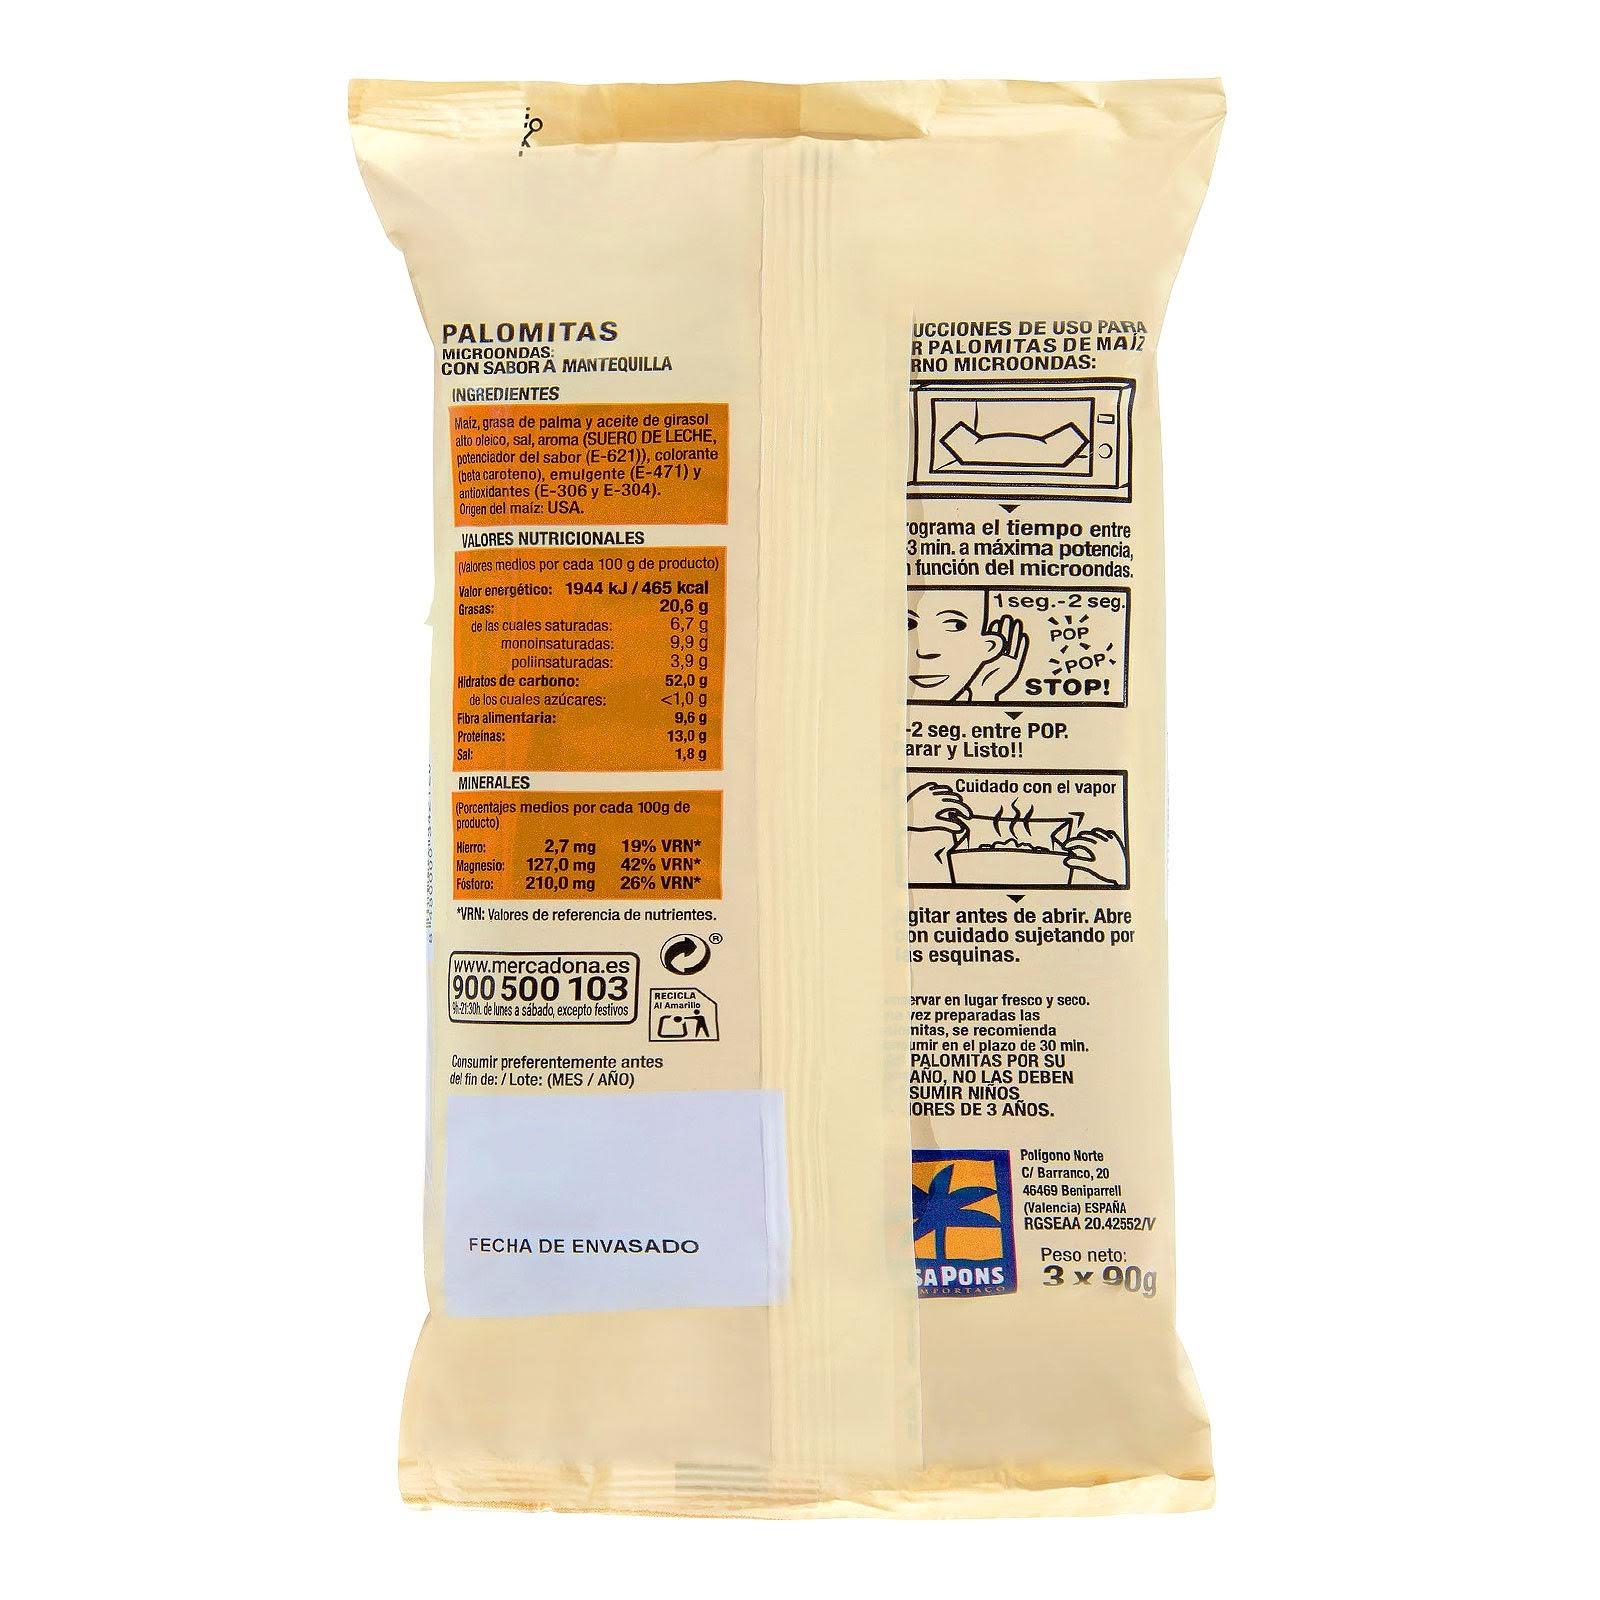 Palomitas de maíz con mantequilla para microondas Hacendado